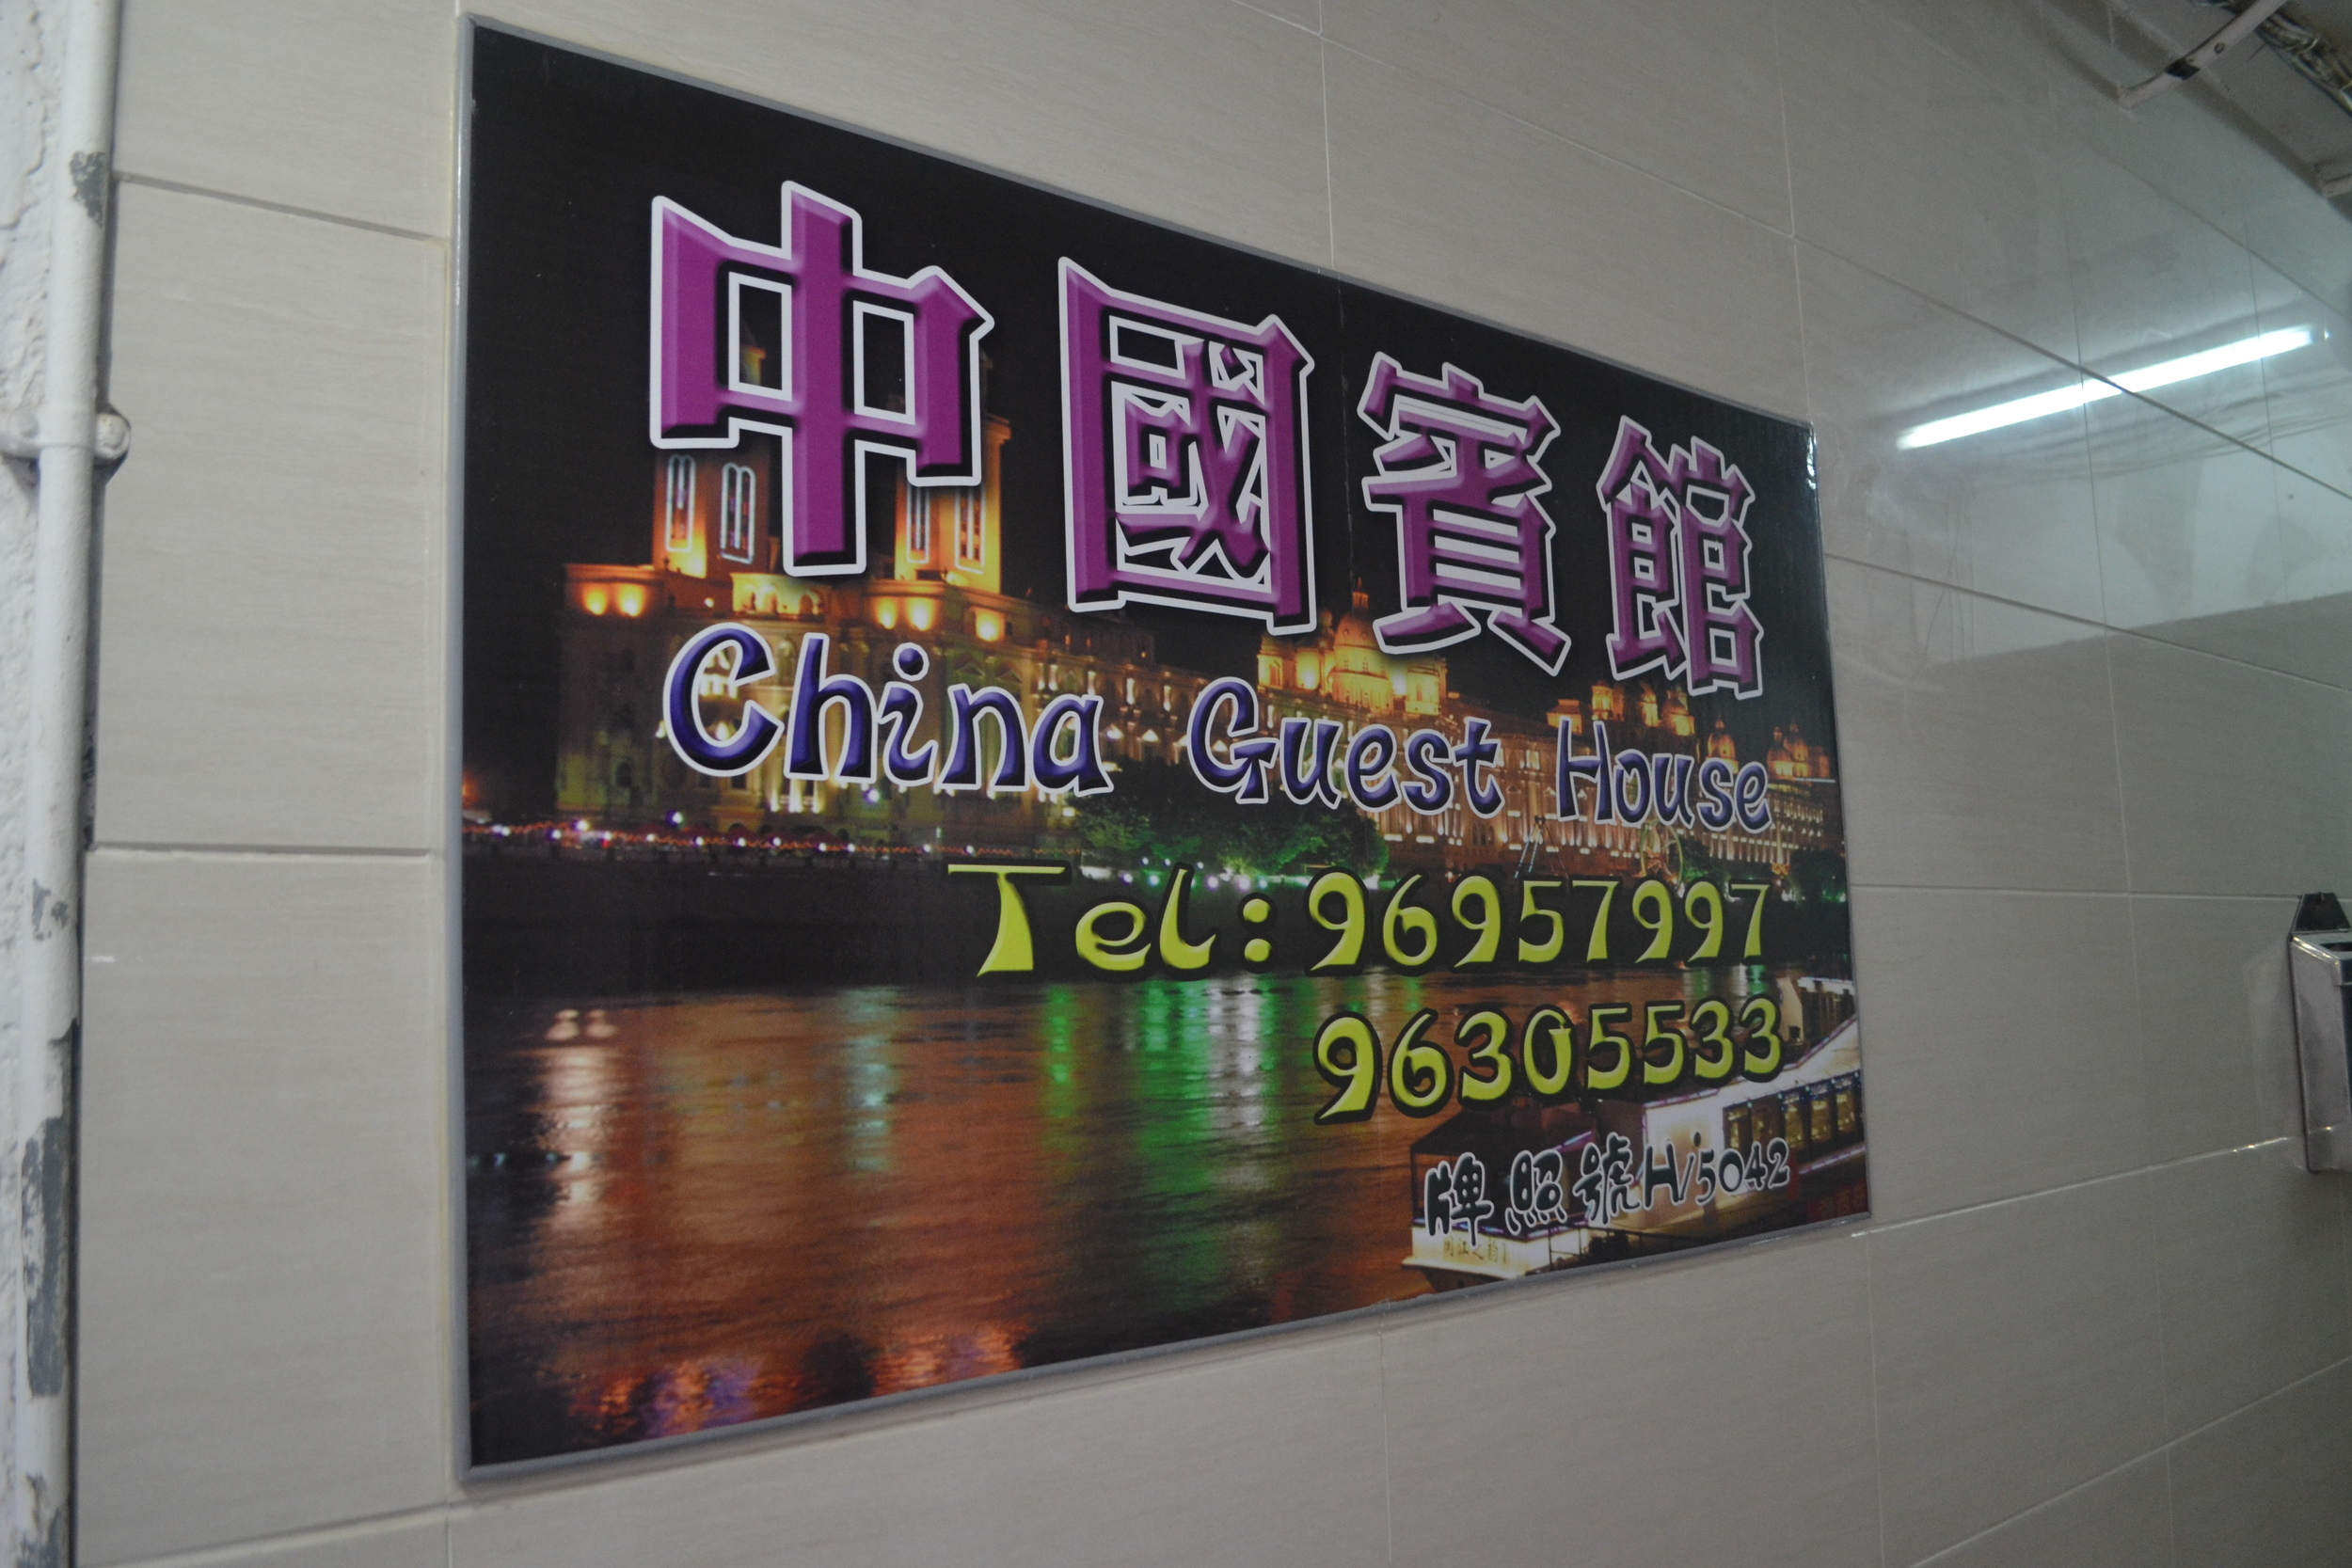 China GuestHouse en el 7mo piso del Mirador Mansion.